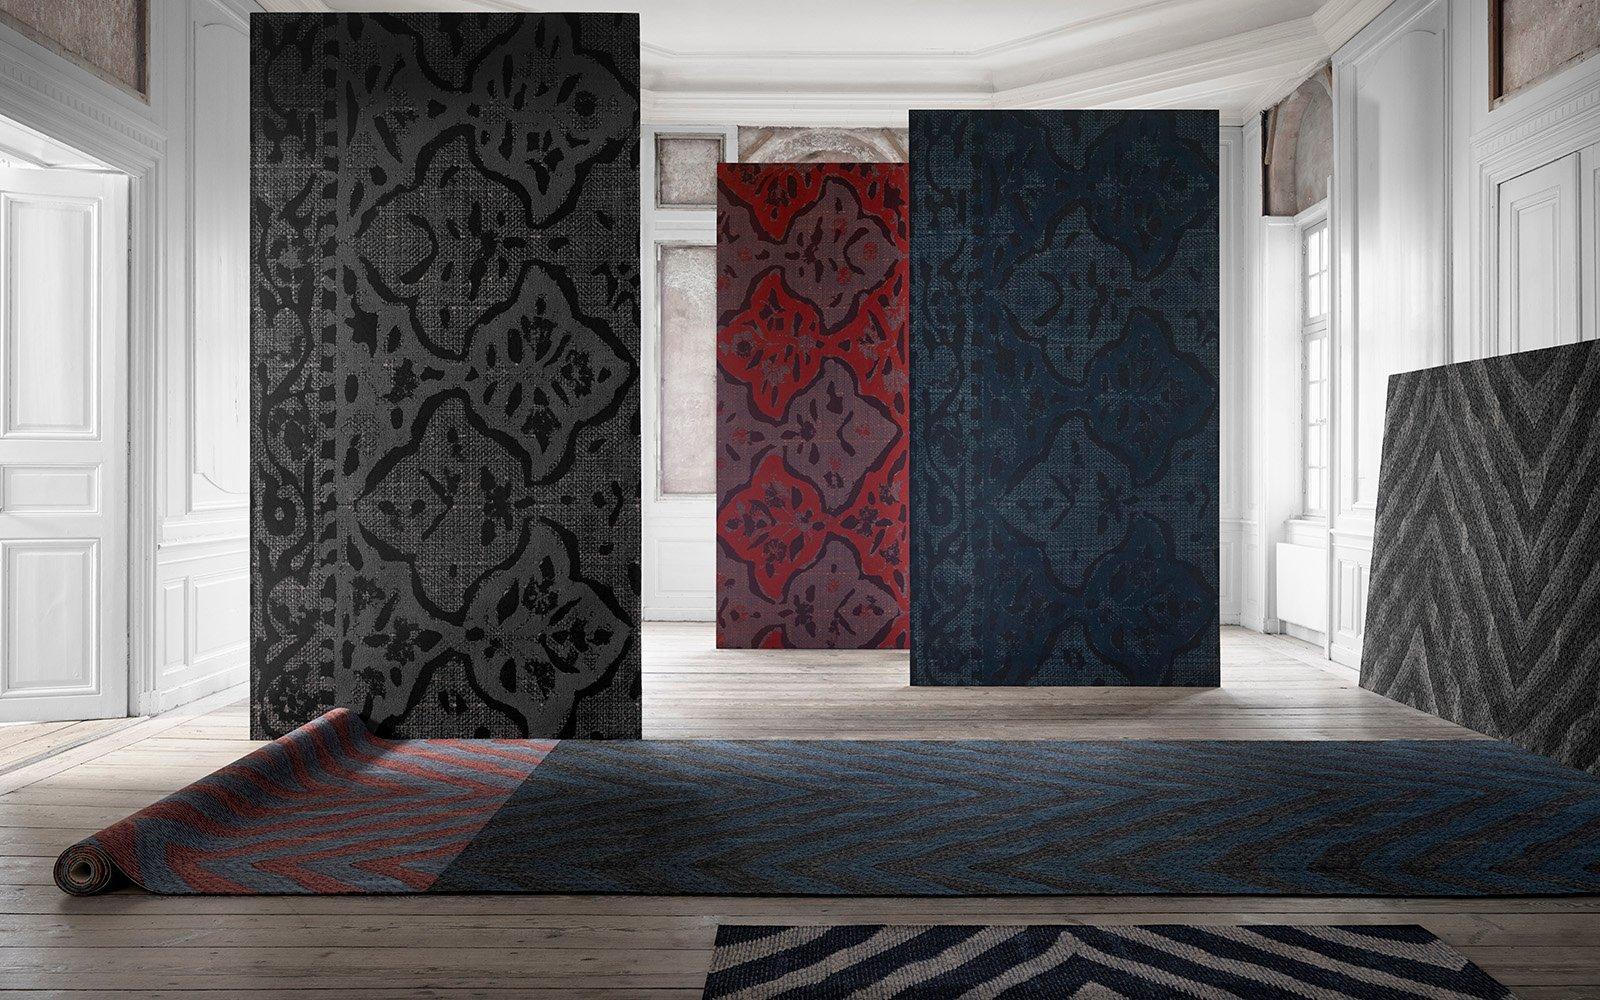 Altbauzimmer mit von der Decke hängenden und auf dem Boden liegenden Teppichbahnen mit verschiedenen Mustern